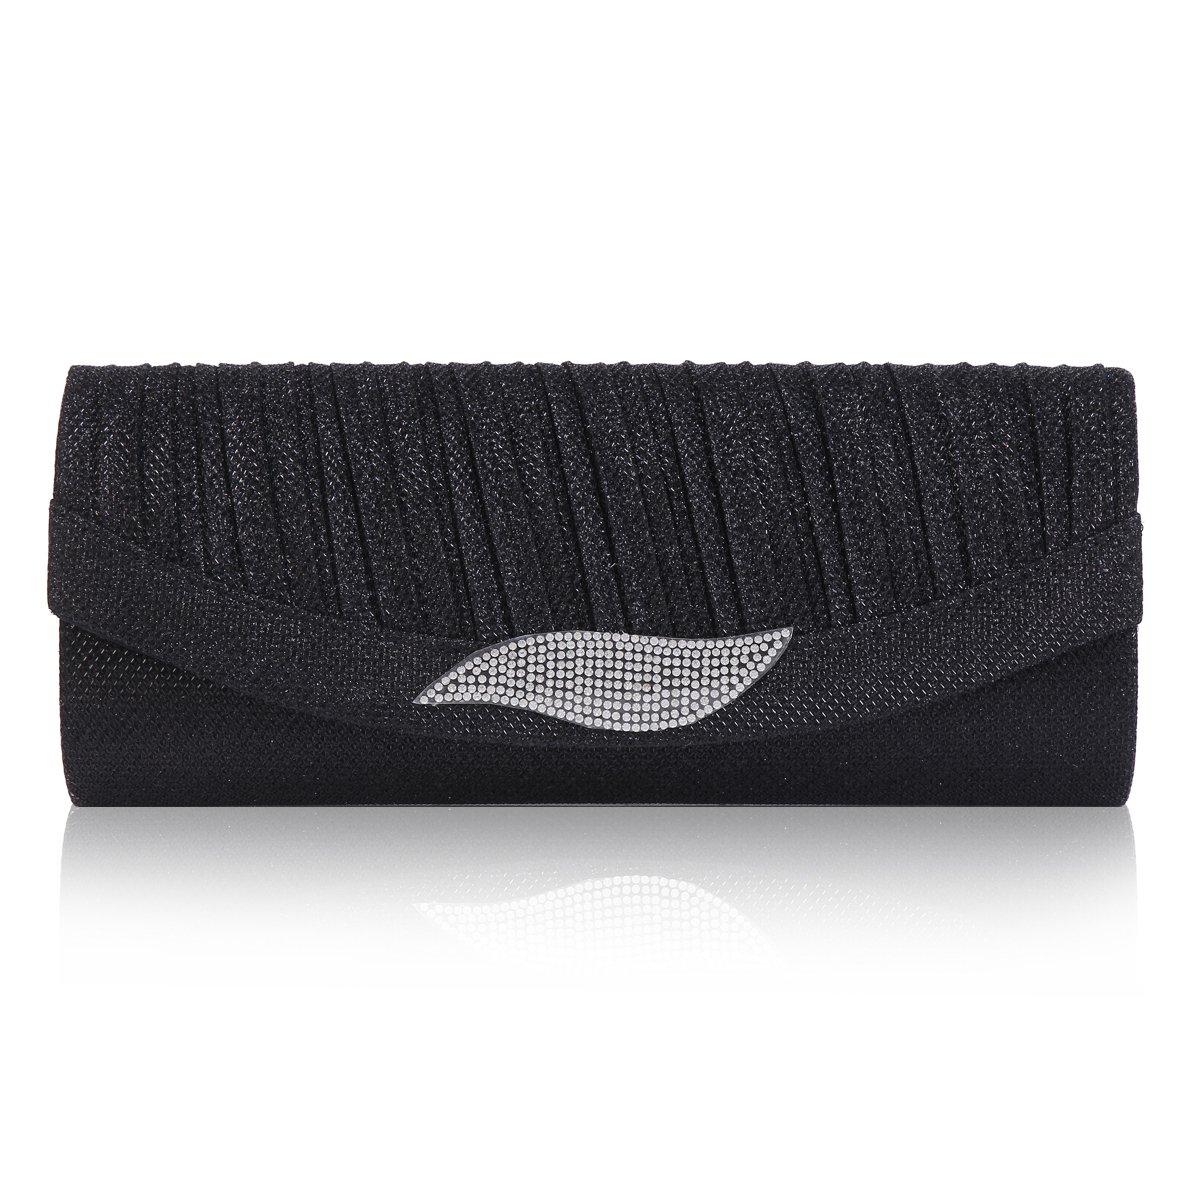 Damara Womens Leaf Dazzling Rhinestone Flap Clasp Clutch Evening Bag,Black